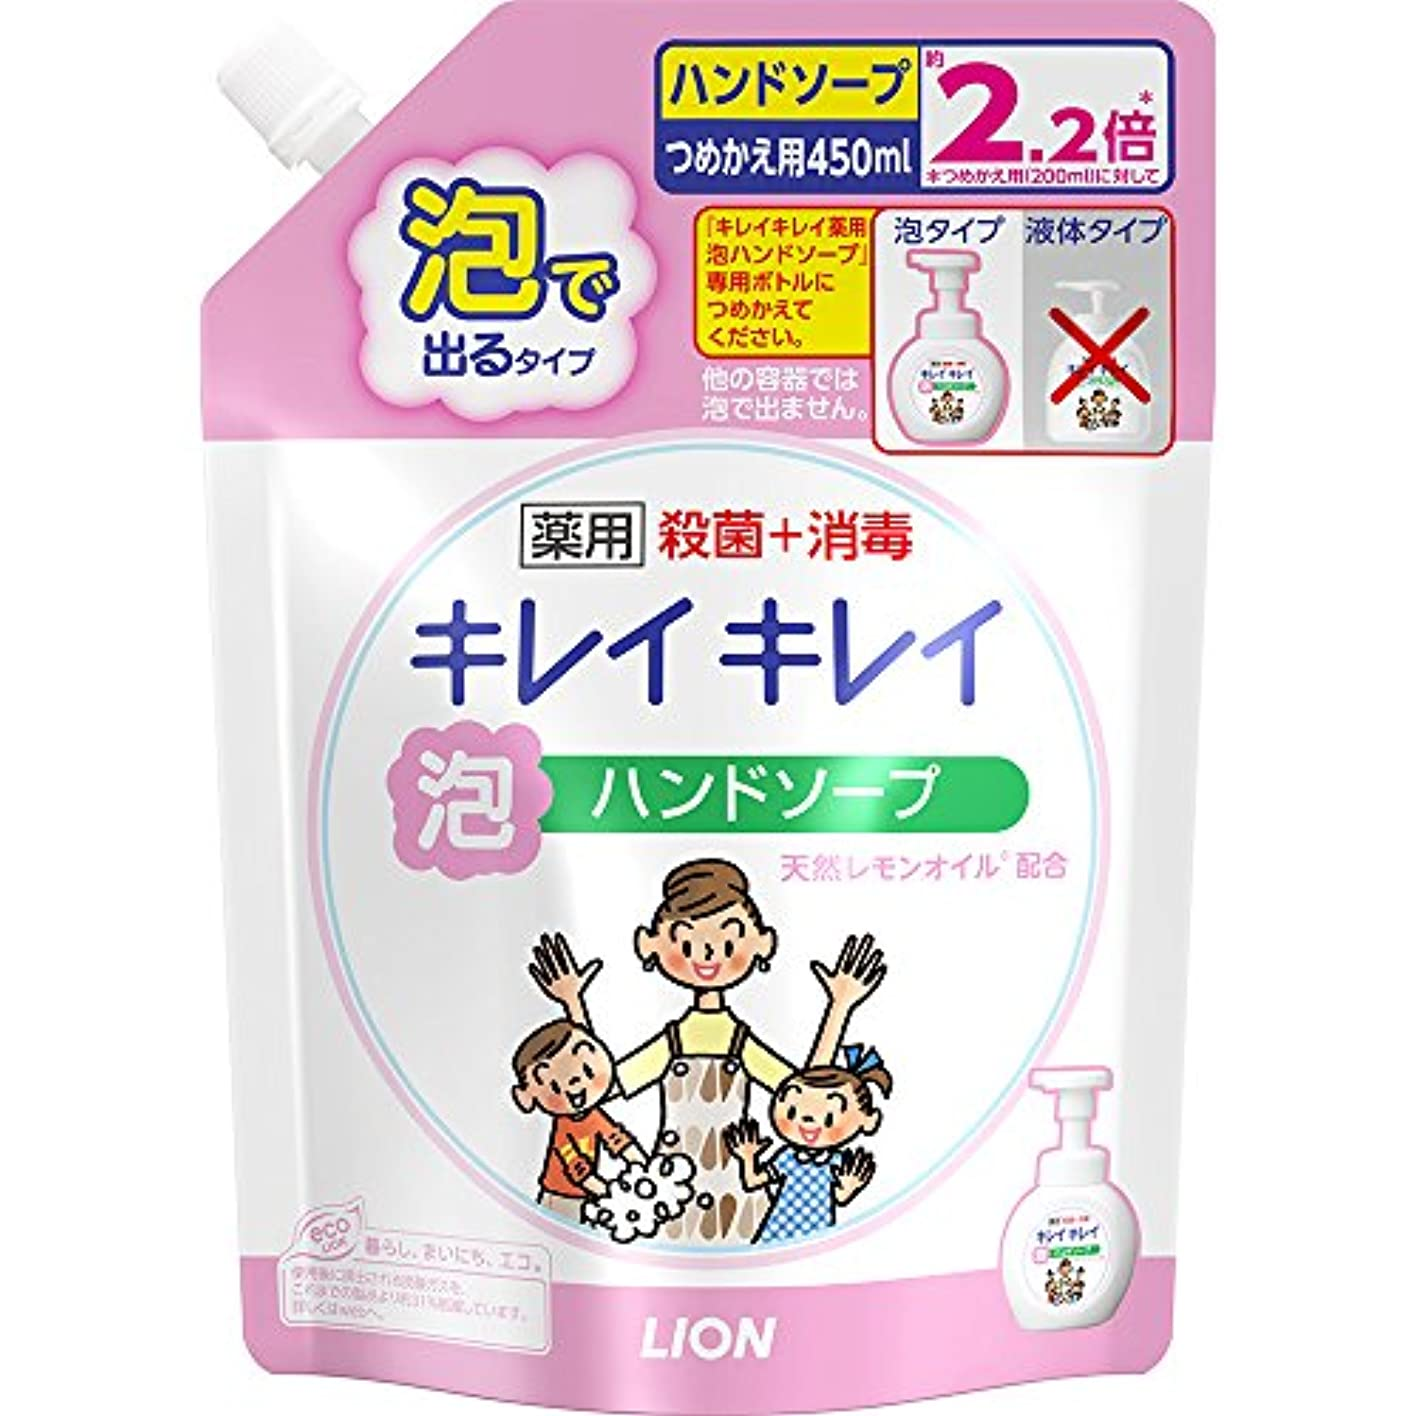 ズボン収まる友情キレイキレイ 薬用 泡ハンドソープ シトラスフルーティの香り 詰め替え 450ml(医薬部外品)